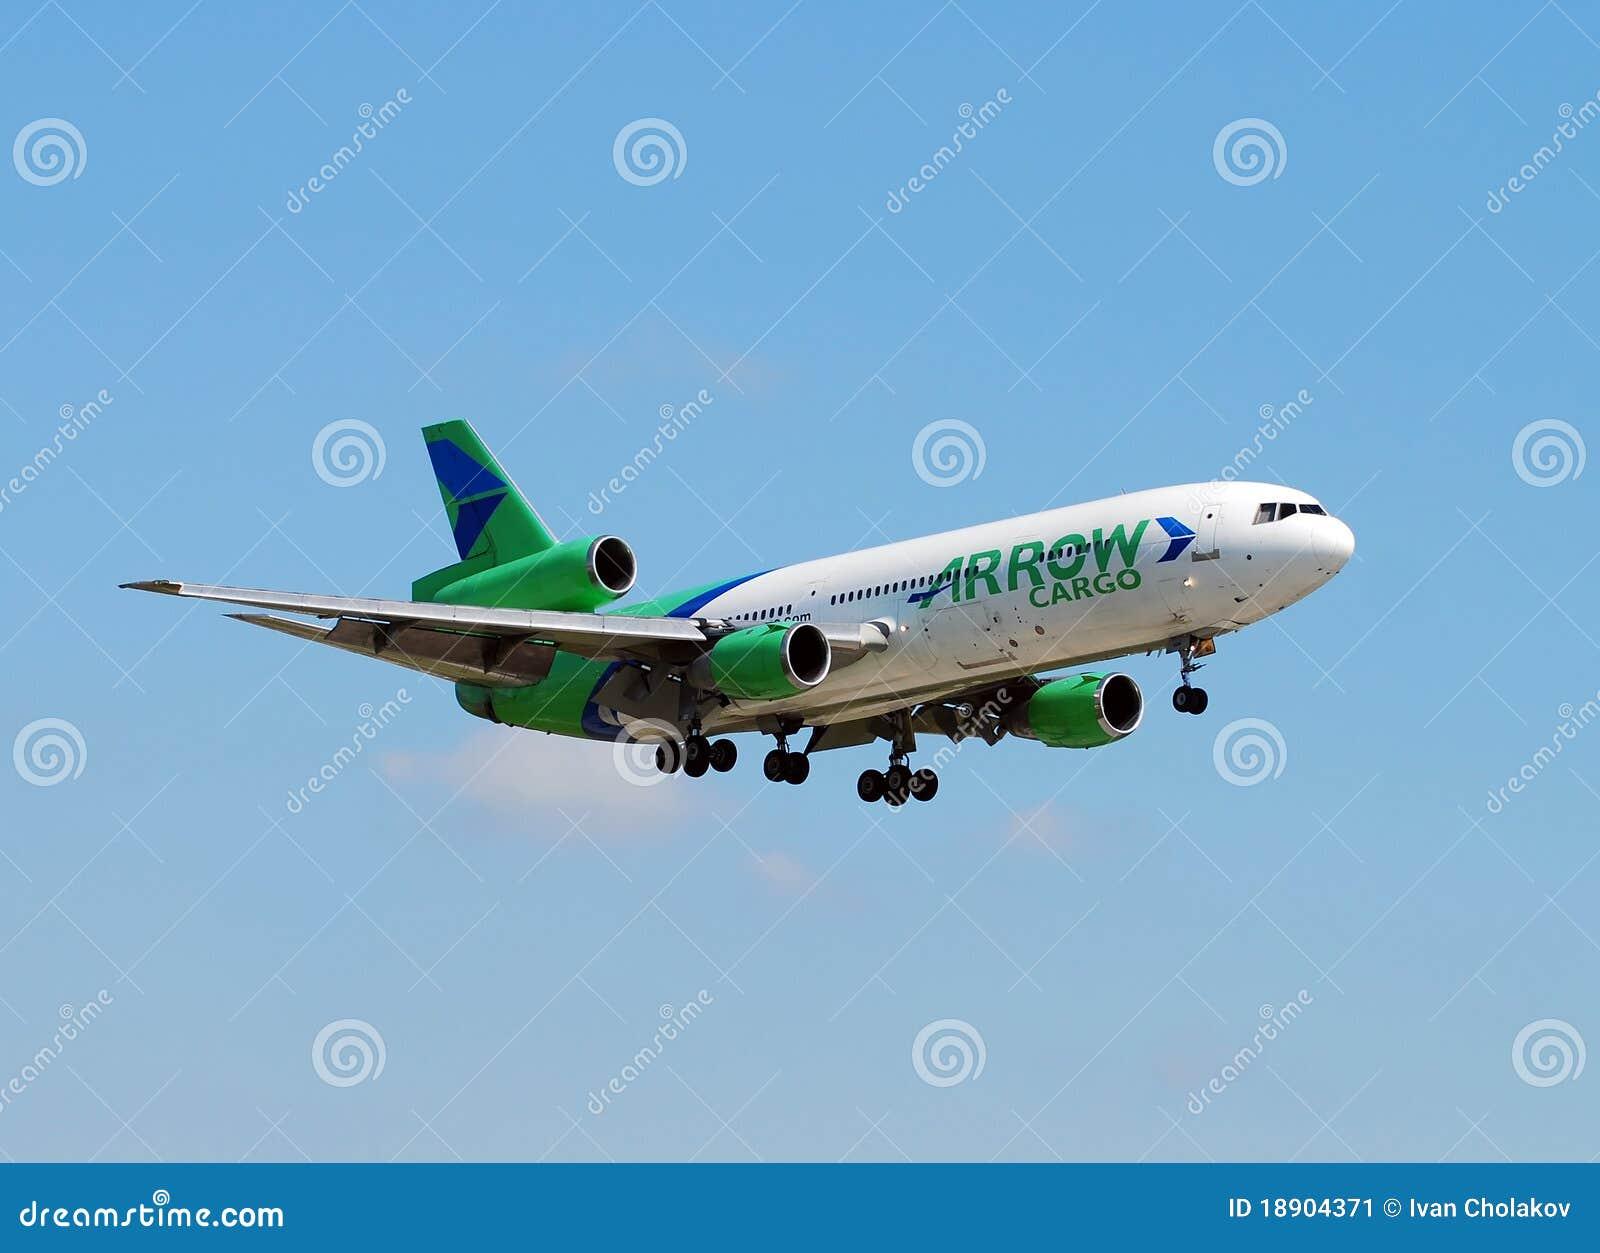 посадка тяжелого реактивного самолета груза